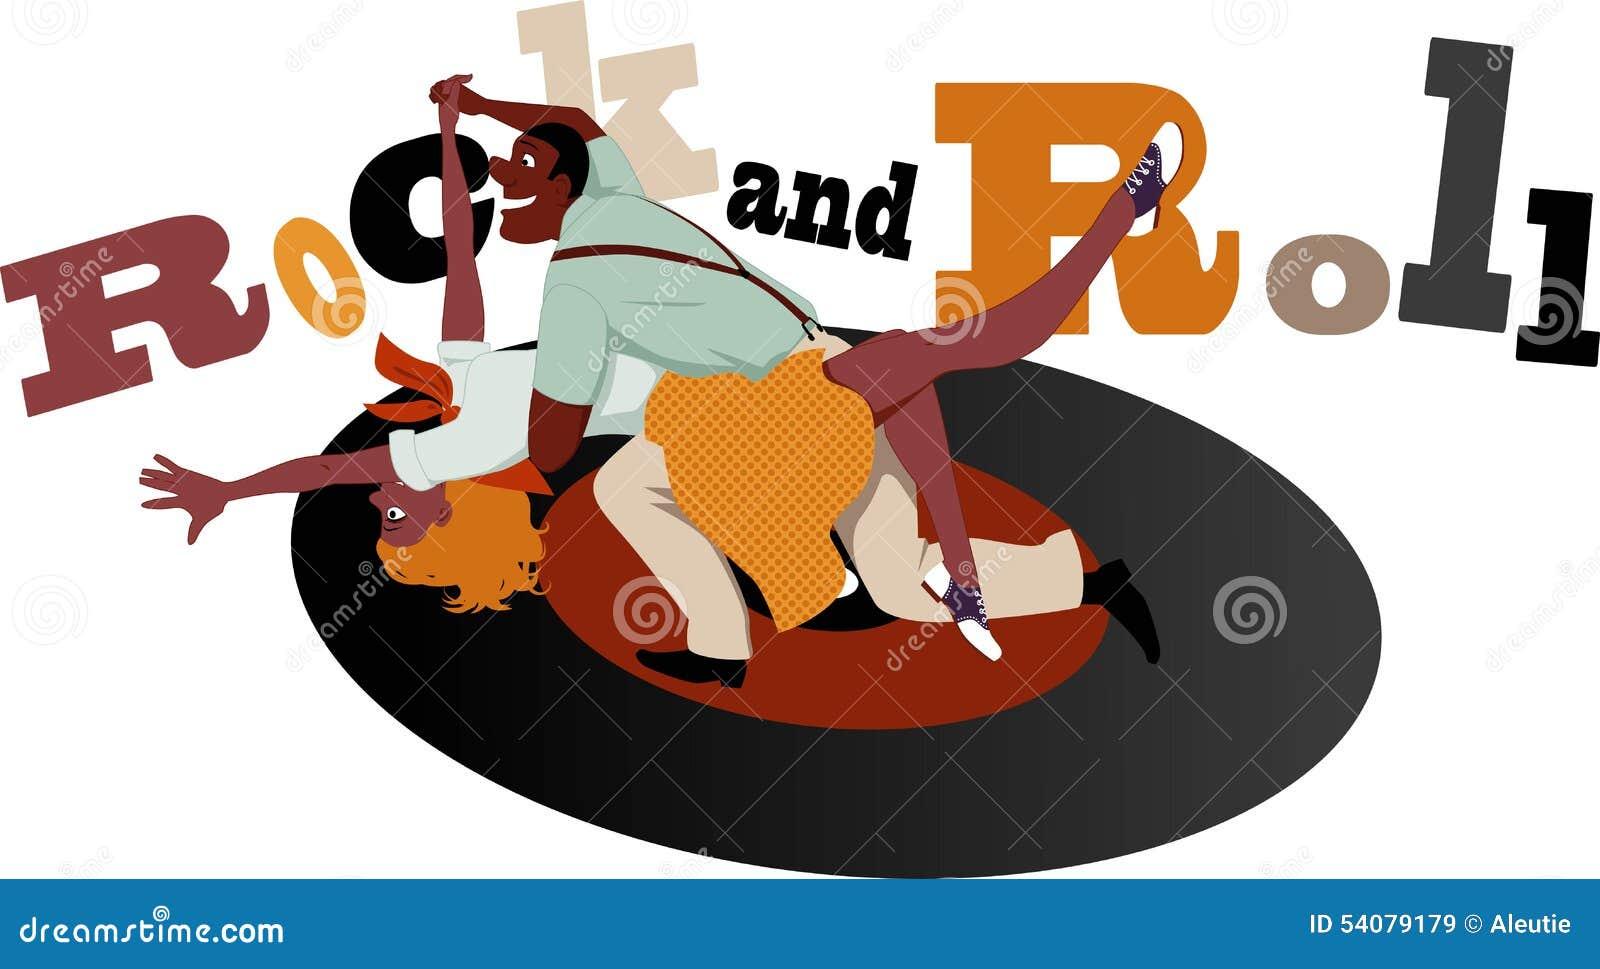 Rock N Roll Dance Shoes